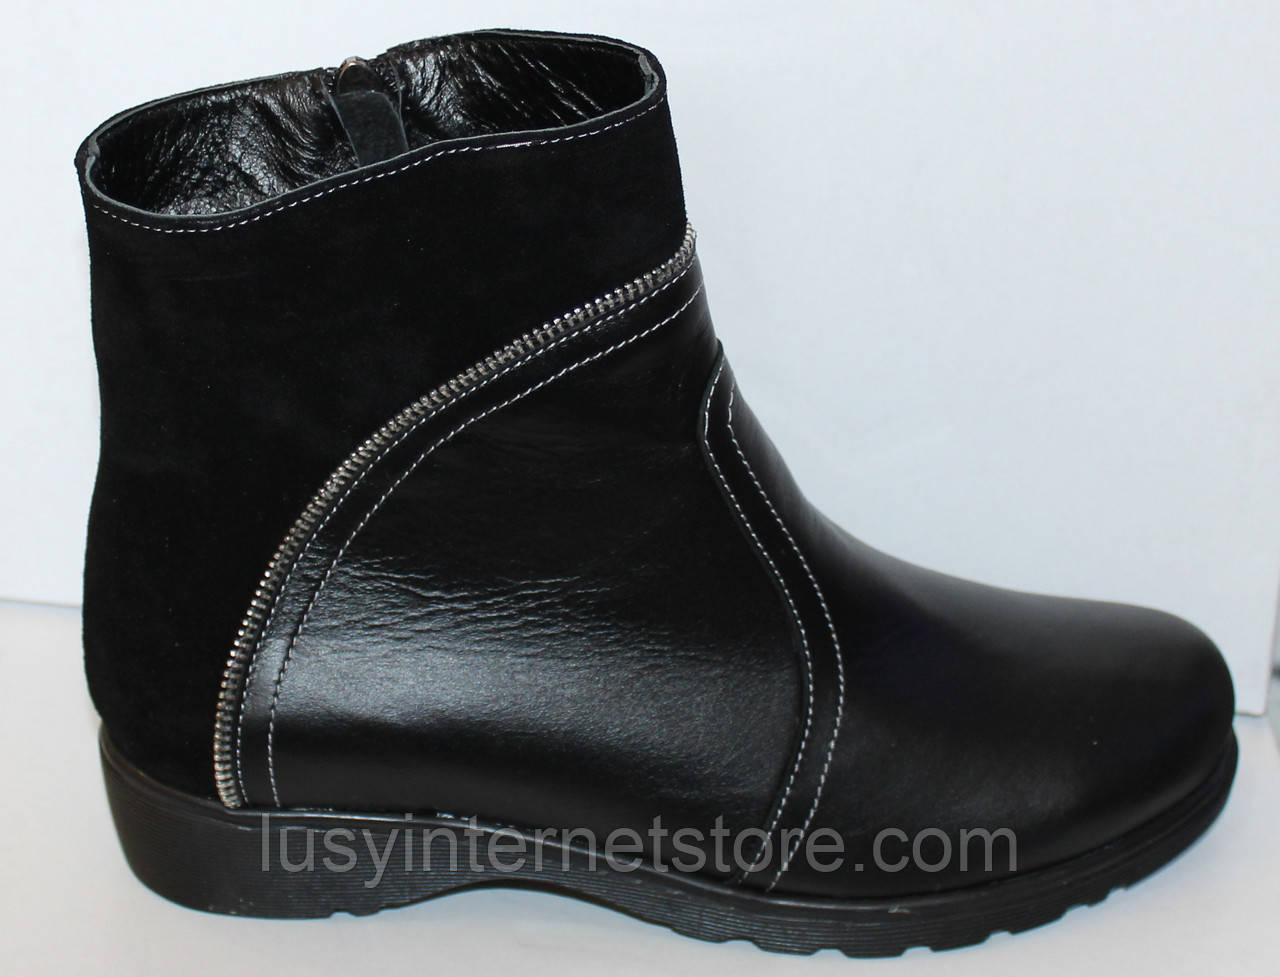 Сапоги большого размера весенние кожаные, женская обувь от производителя  модель ВБ1М - Lusy в Харькове c672c155882